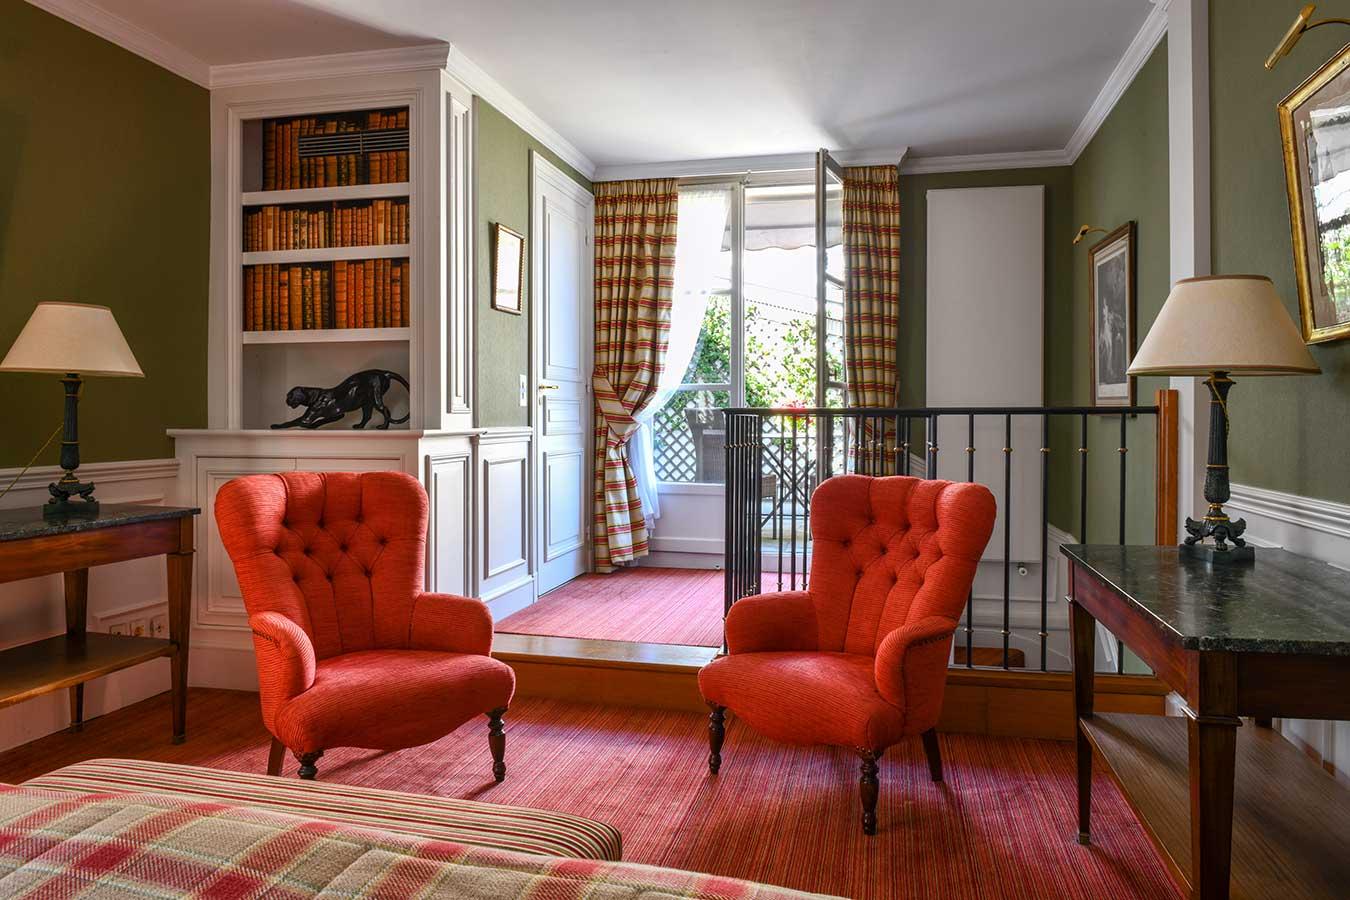 Appartement Terrasse - Chambre au 1er étage, fauteuils rouges côte à côté, bibliothèque avec statue panthère noire, balcon avec verdure